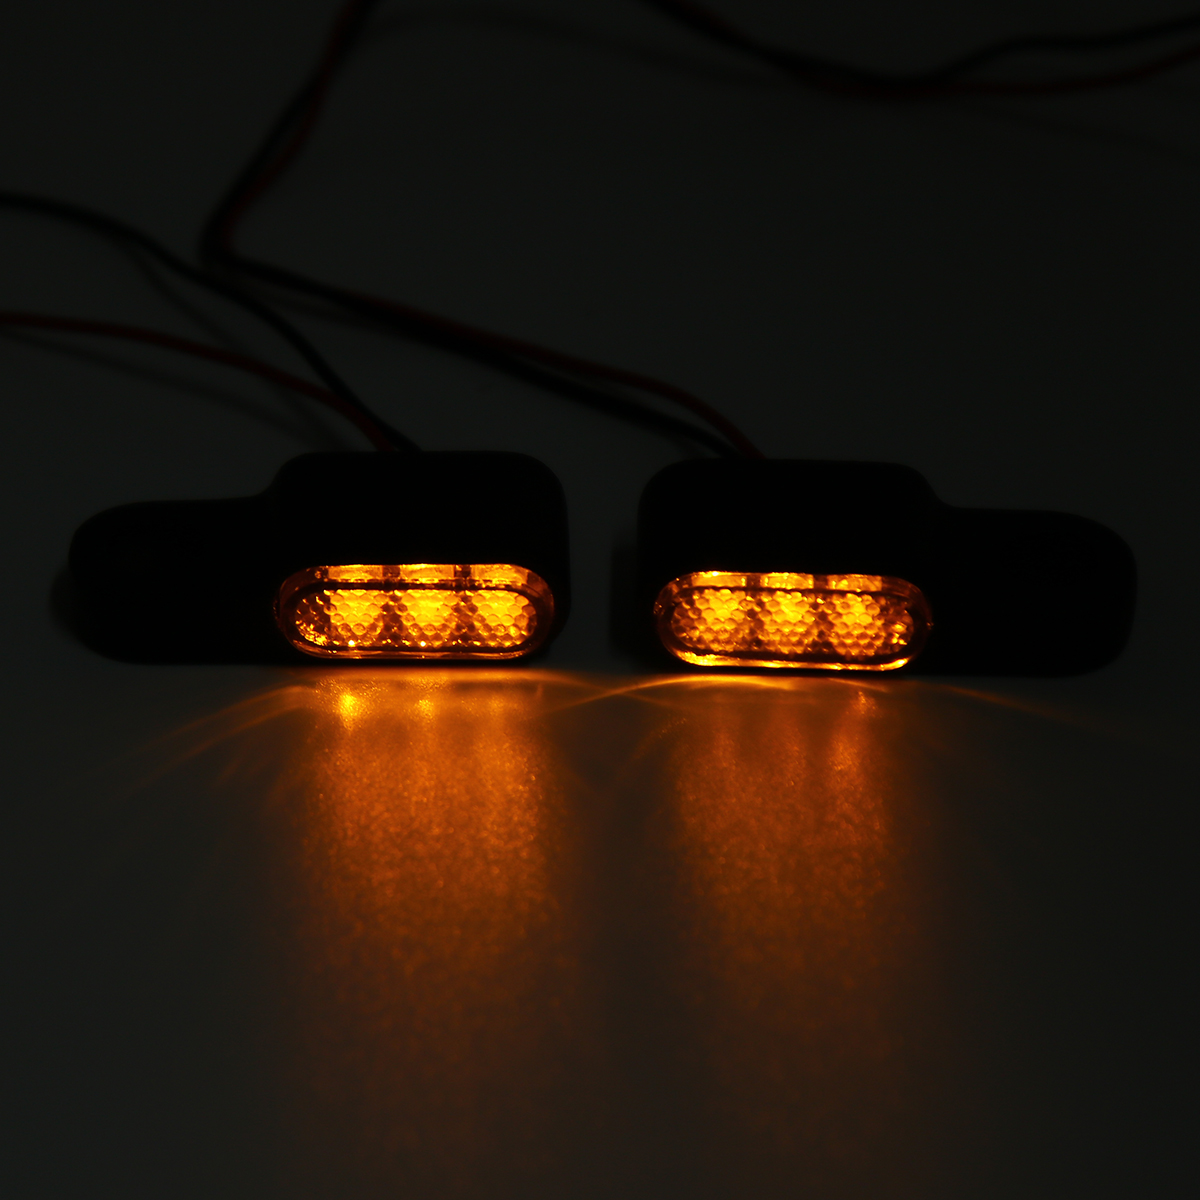 2pcs 12V Motorcycle LED Turn Signal Indicators Light Handlebar Mount Amber Aluminum Alloy